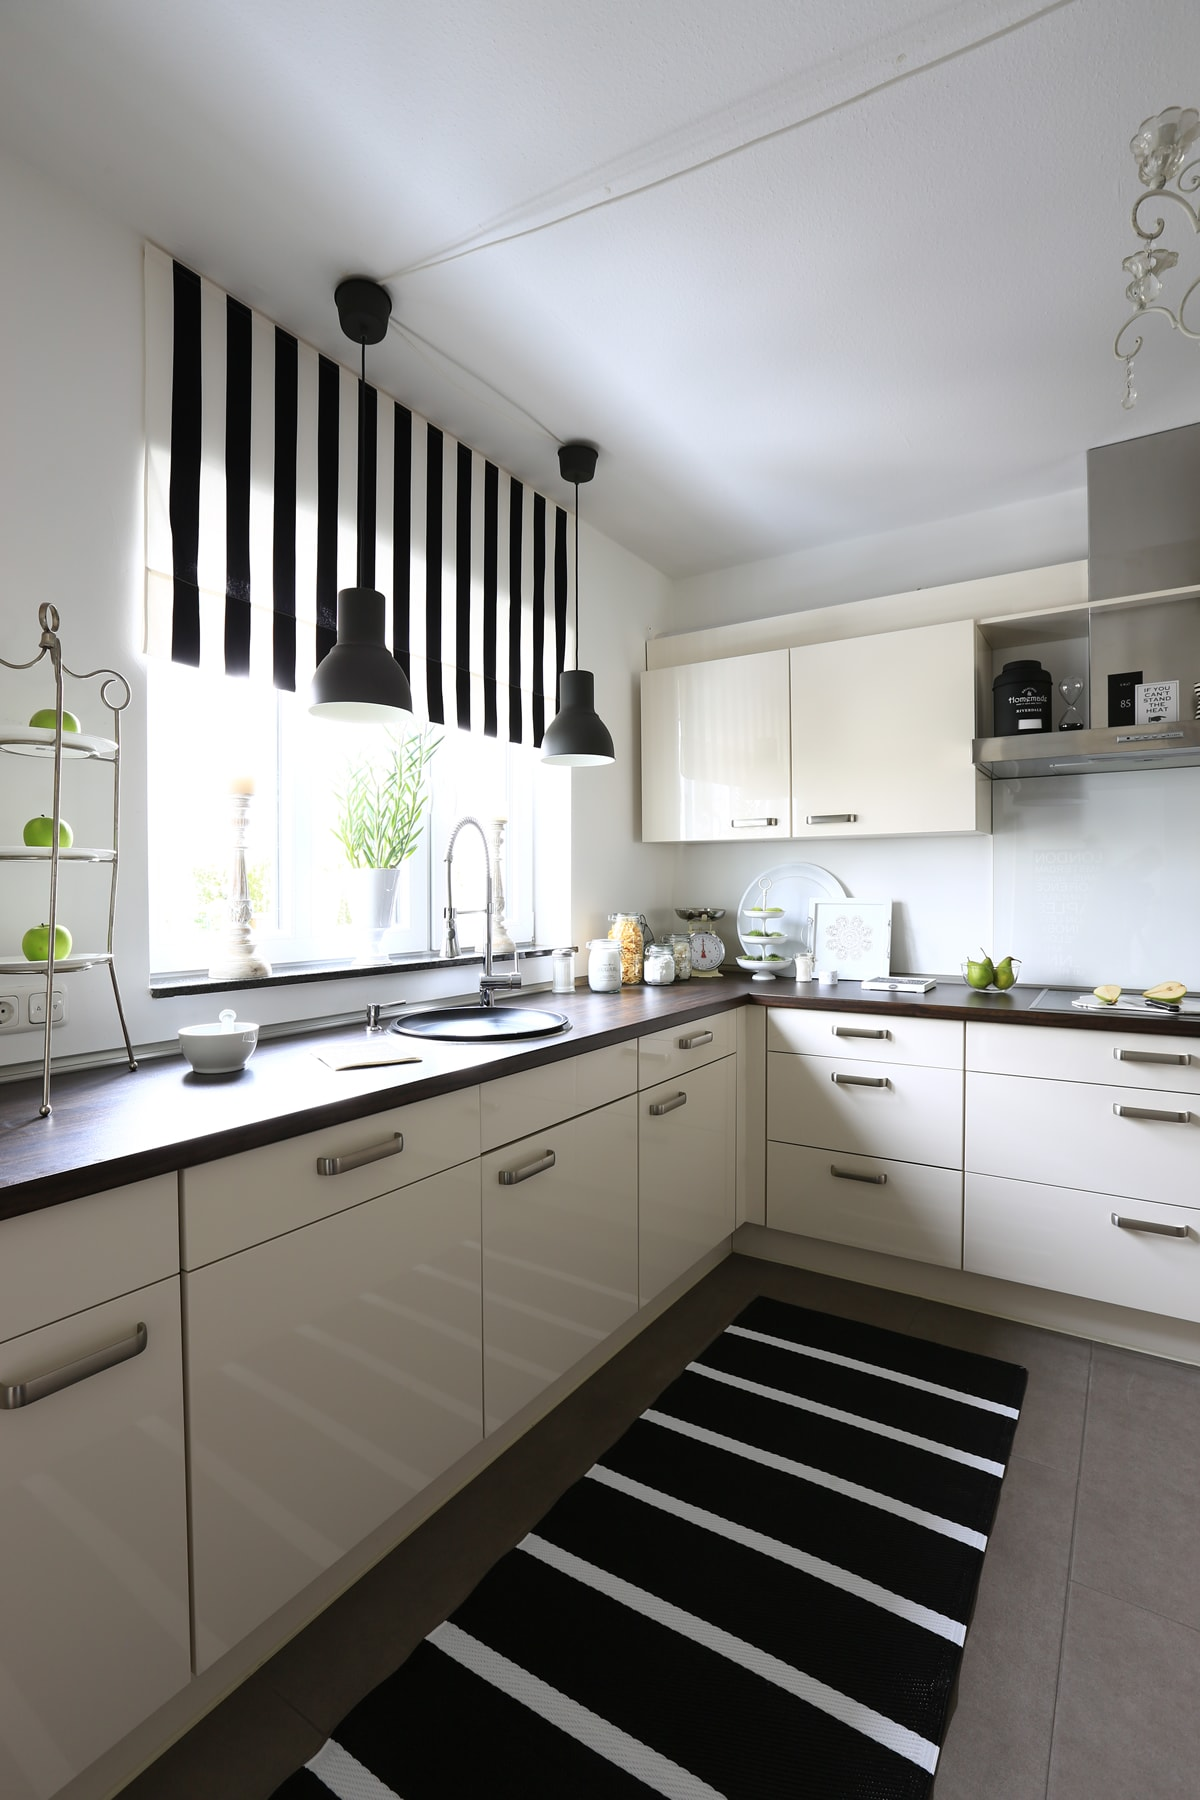 Küche günstig umgestalten I Tipps für die Küchenfolierung I Einrichtungstipps